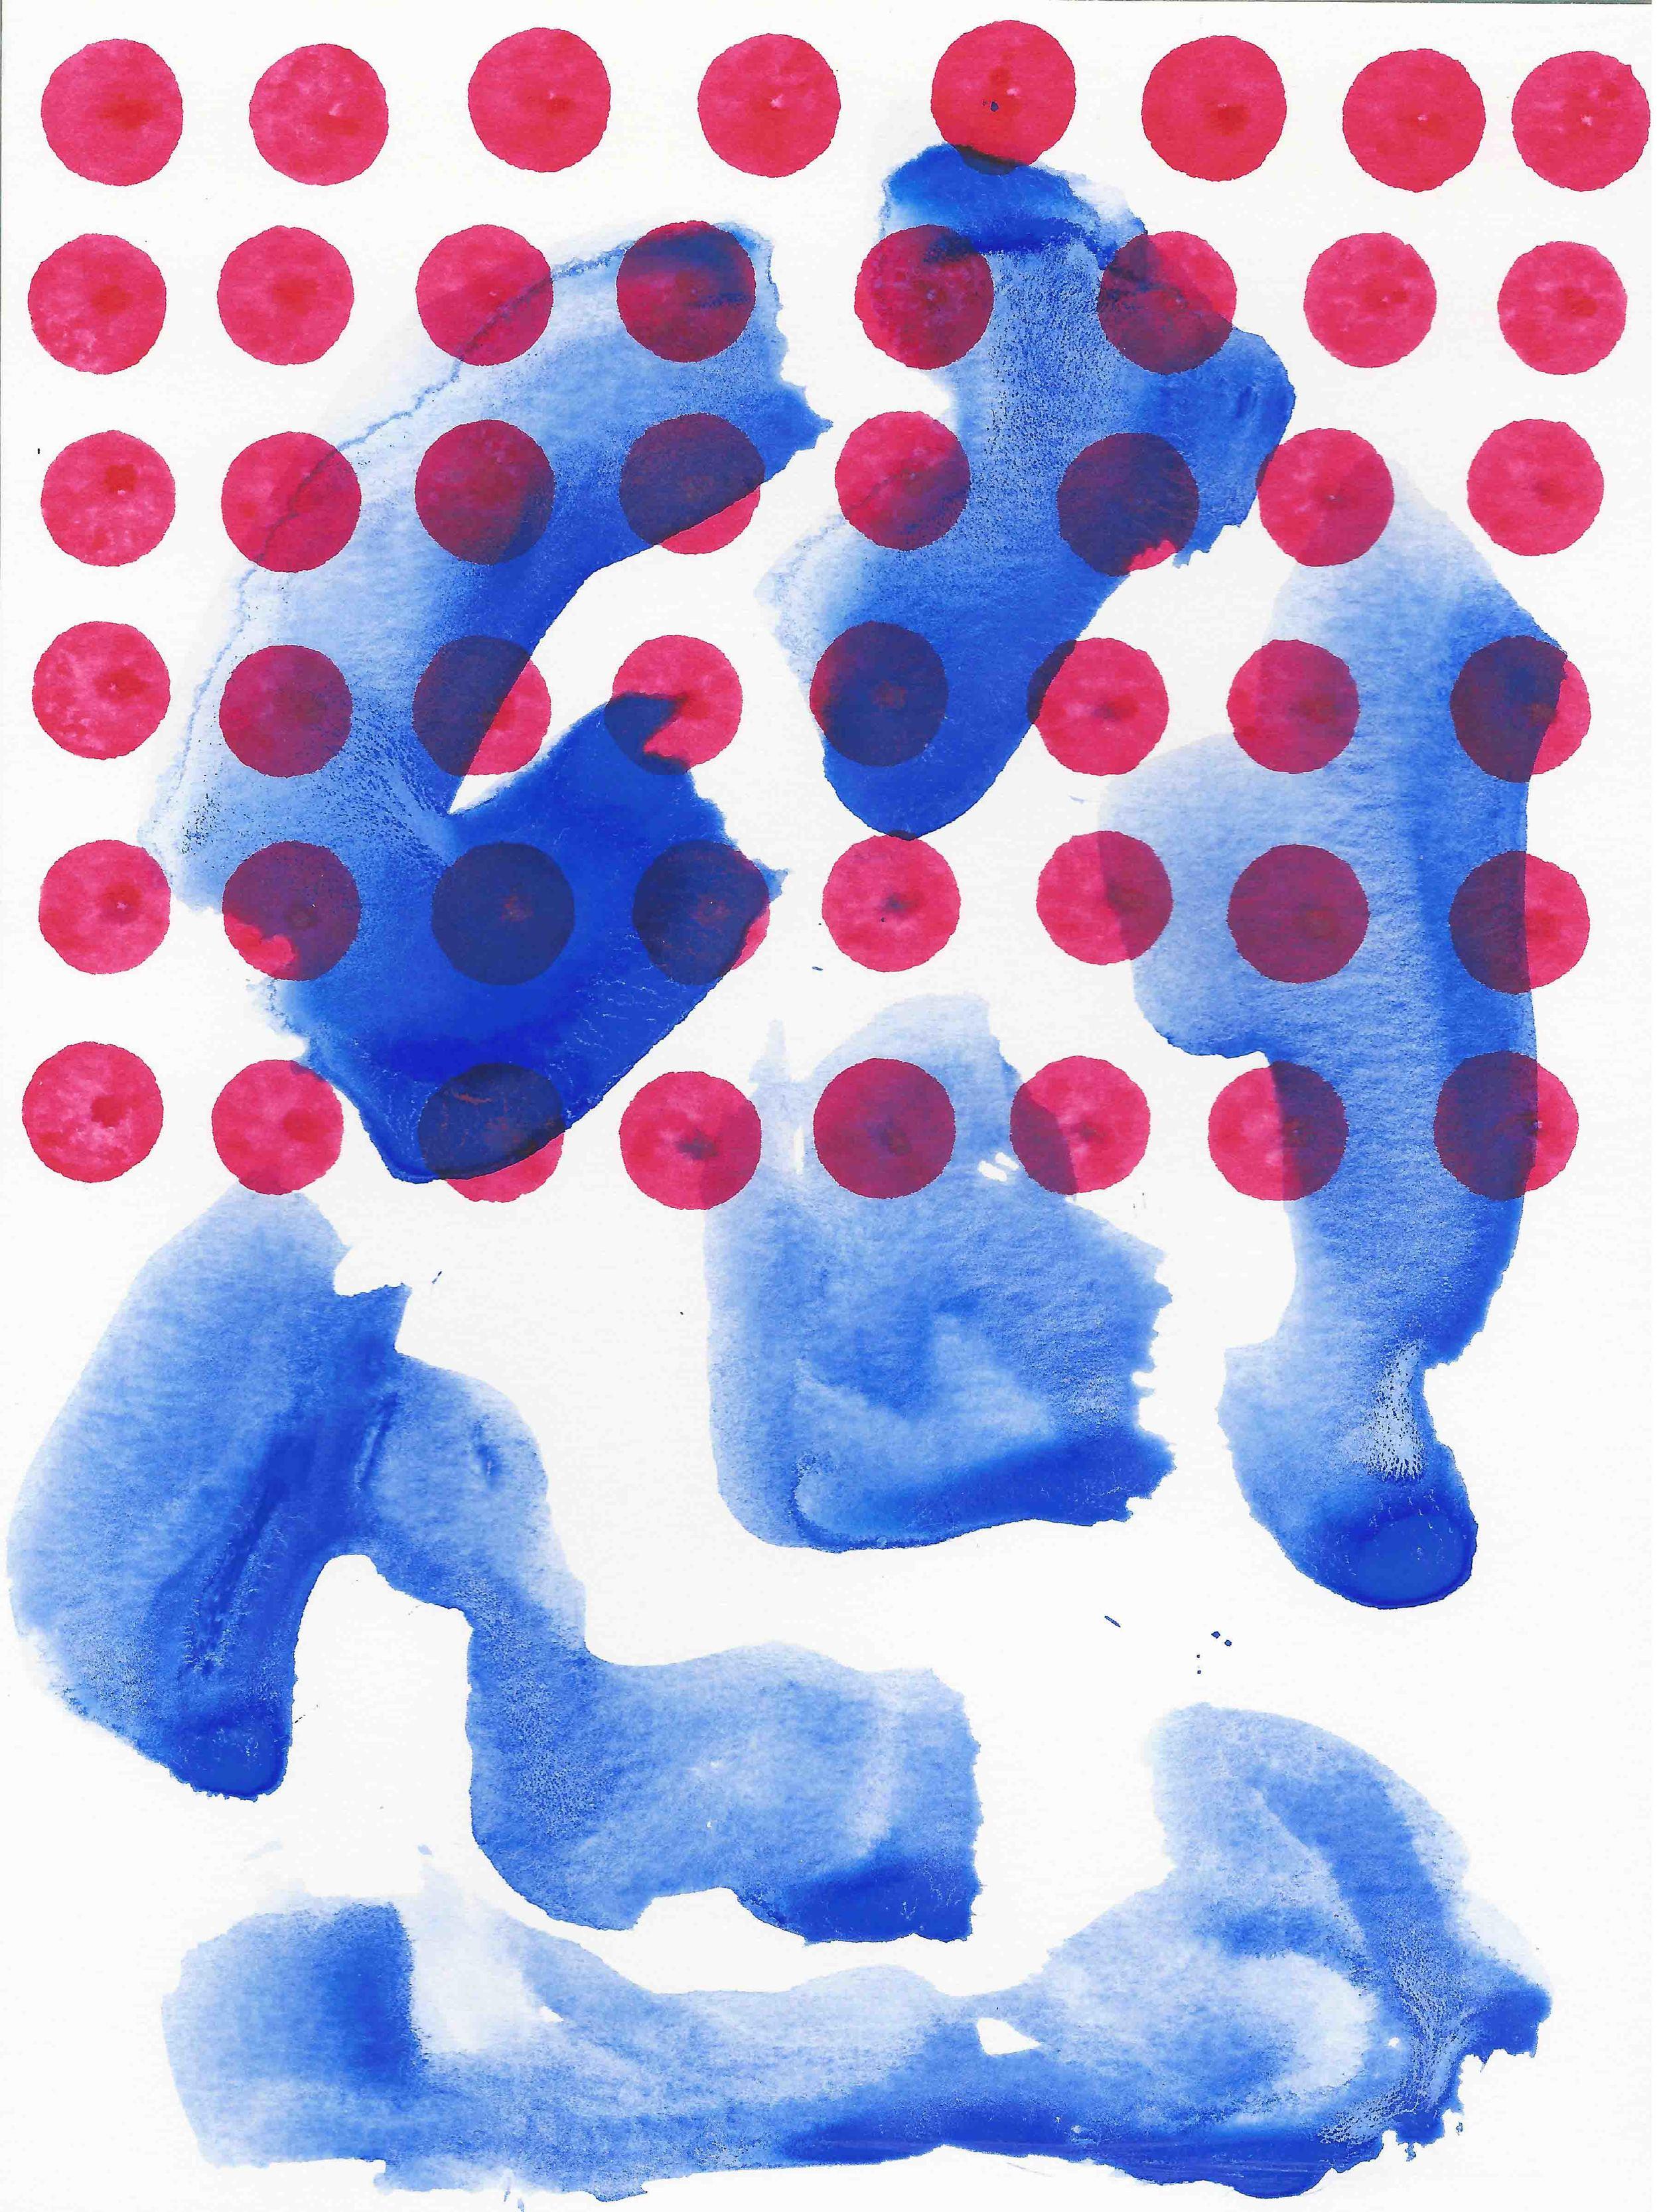 iceburgs 6x8 paper.jpg